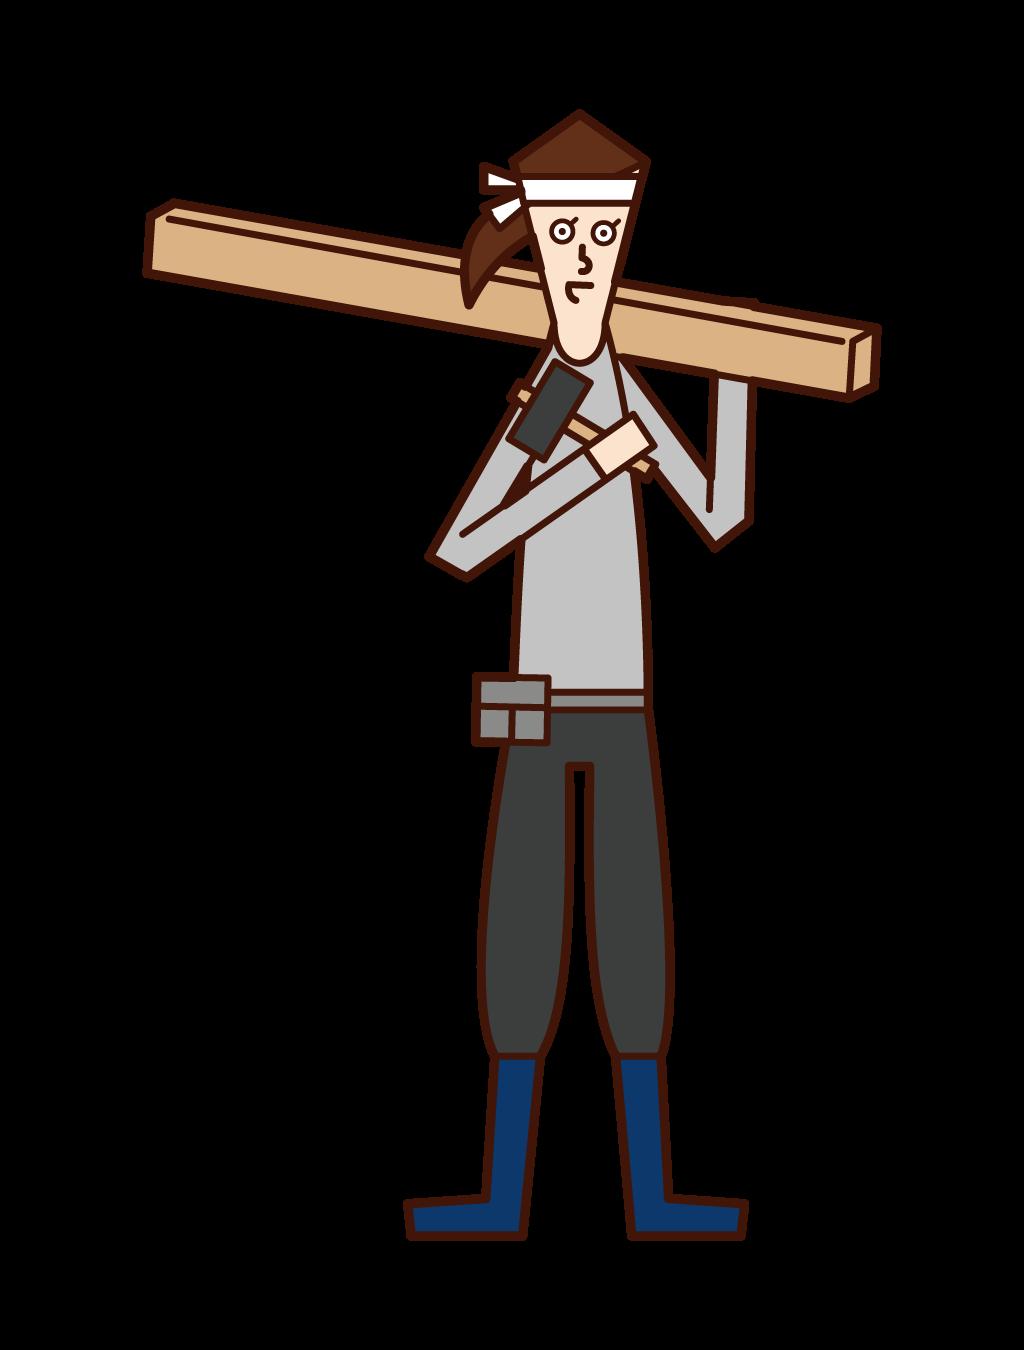 木材を運ぶ大工(女性)のイラスト